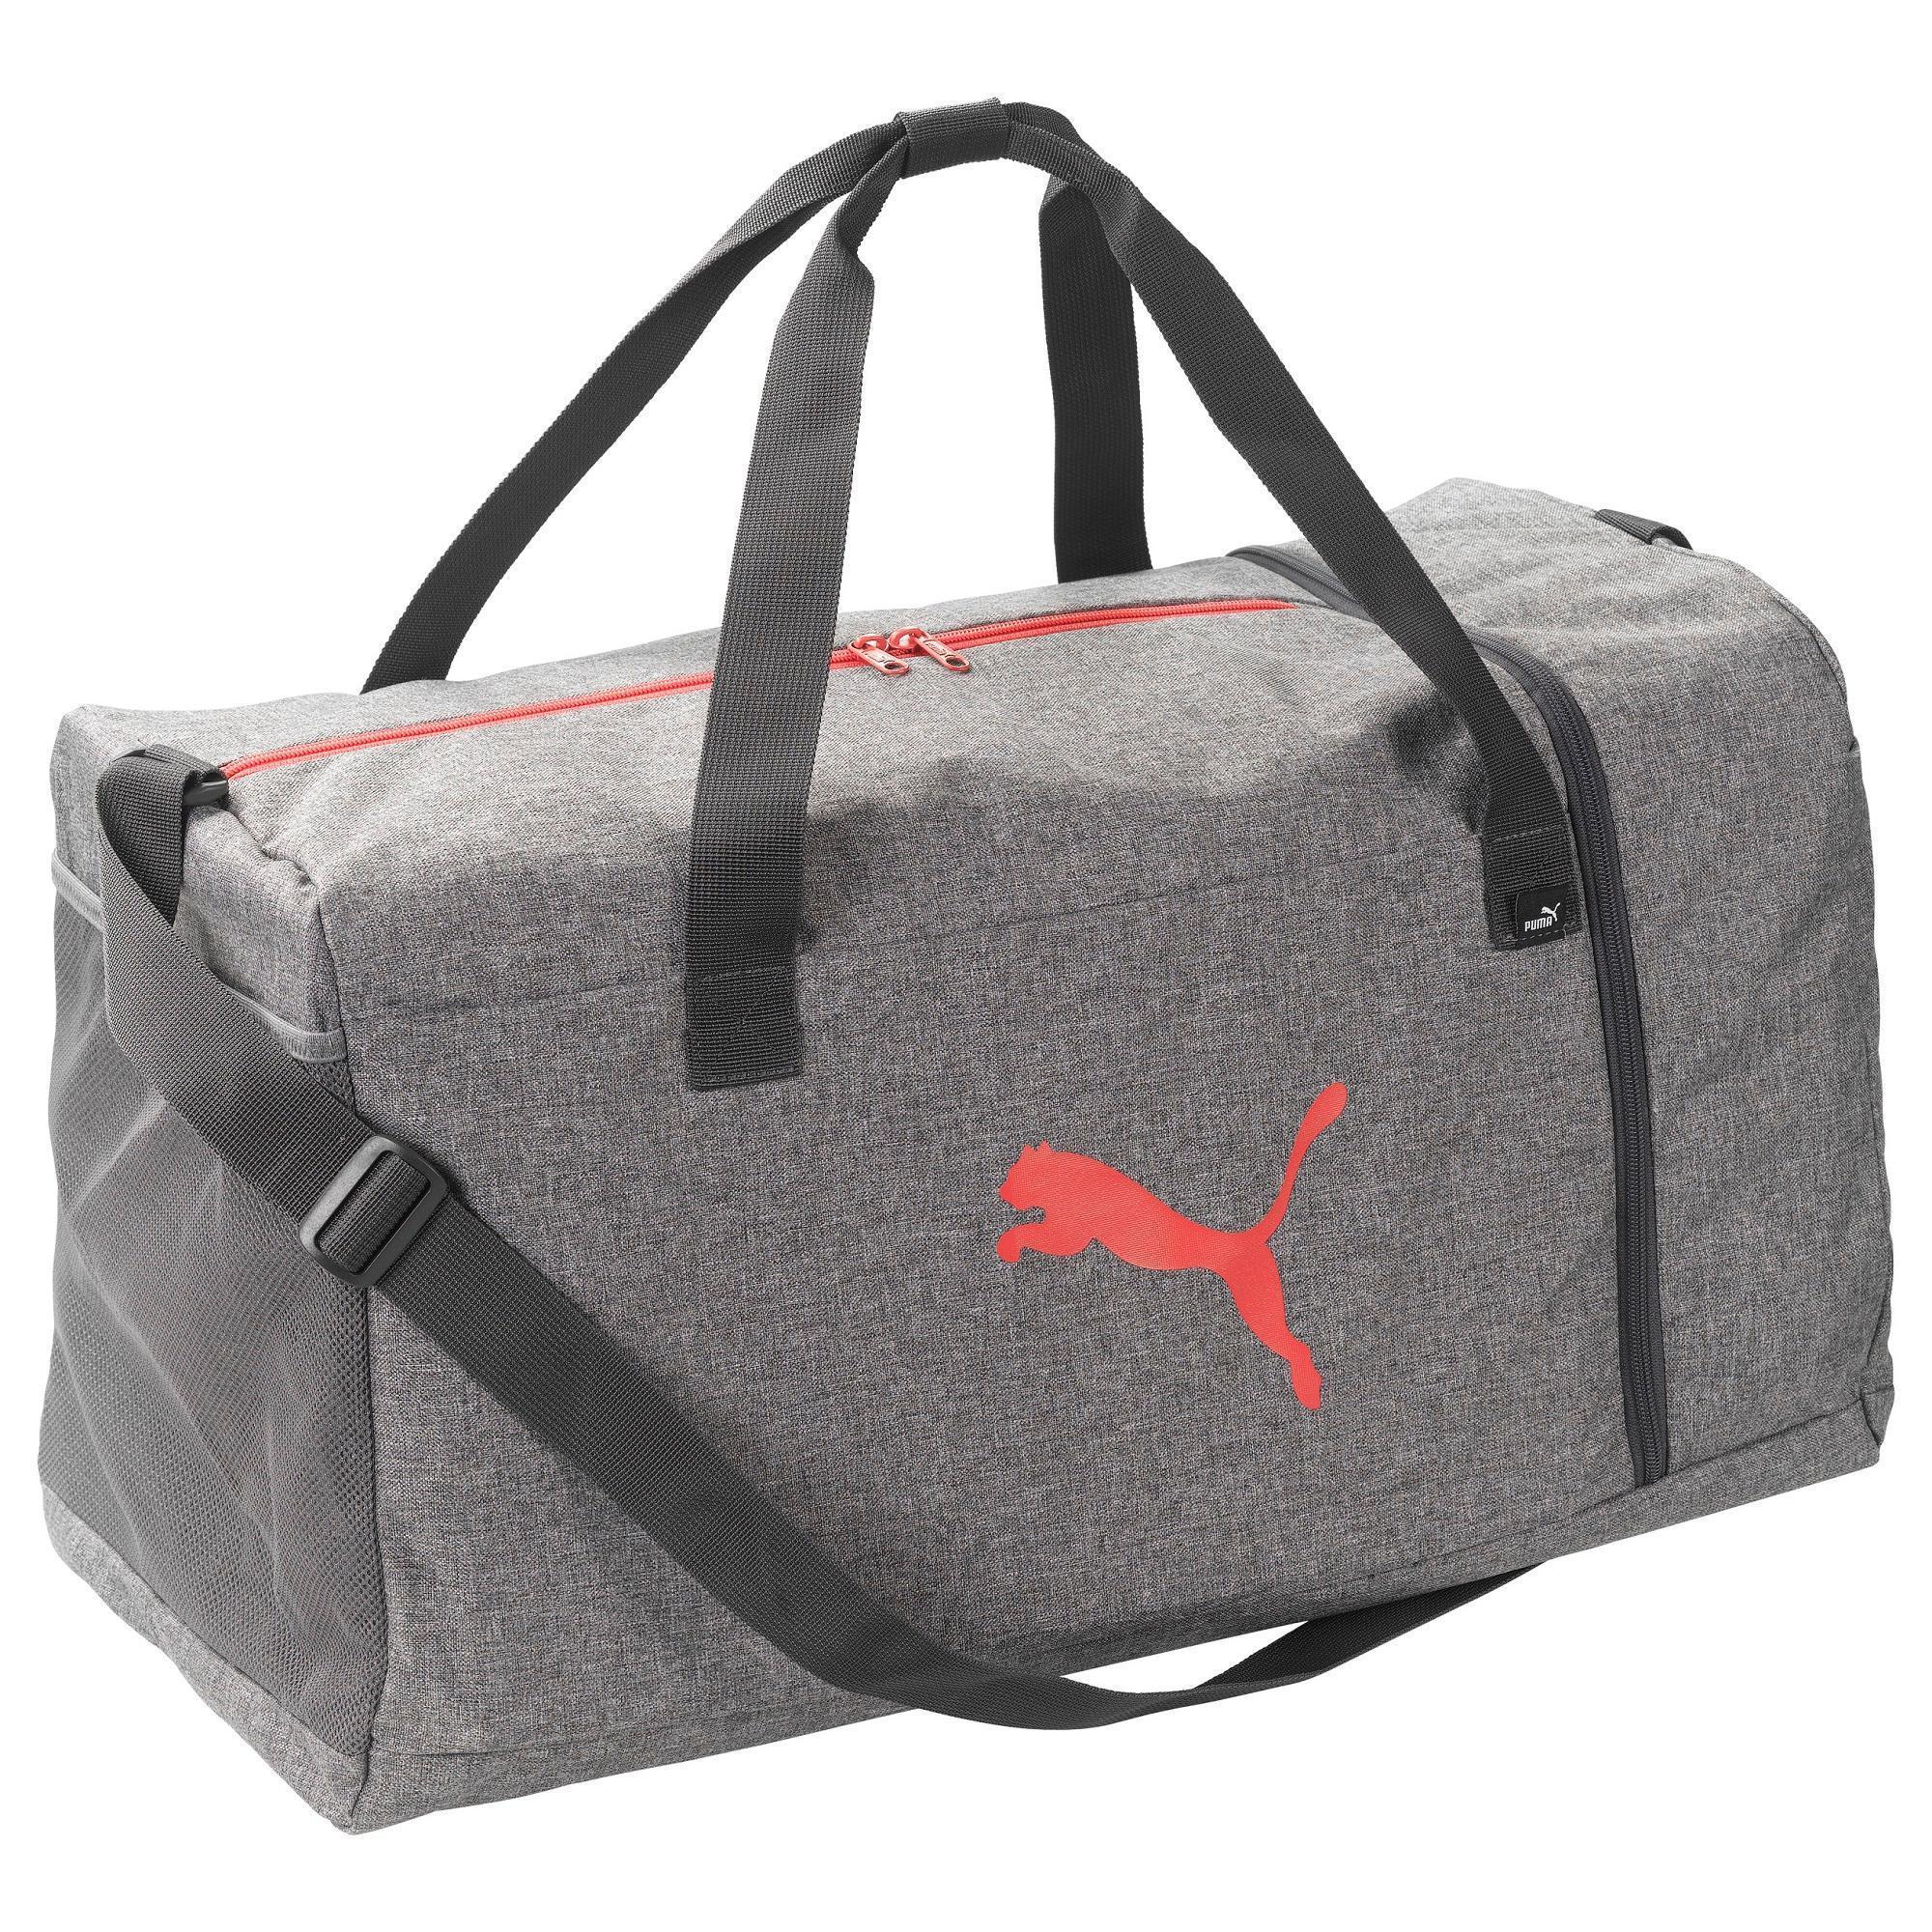 2ad8b6b3277 Puma tassen en bagage sporttas fitnesstas puma l grijs. ontworpen voor: het  meenemen van